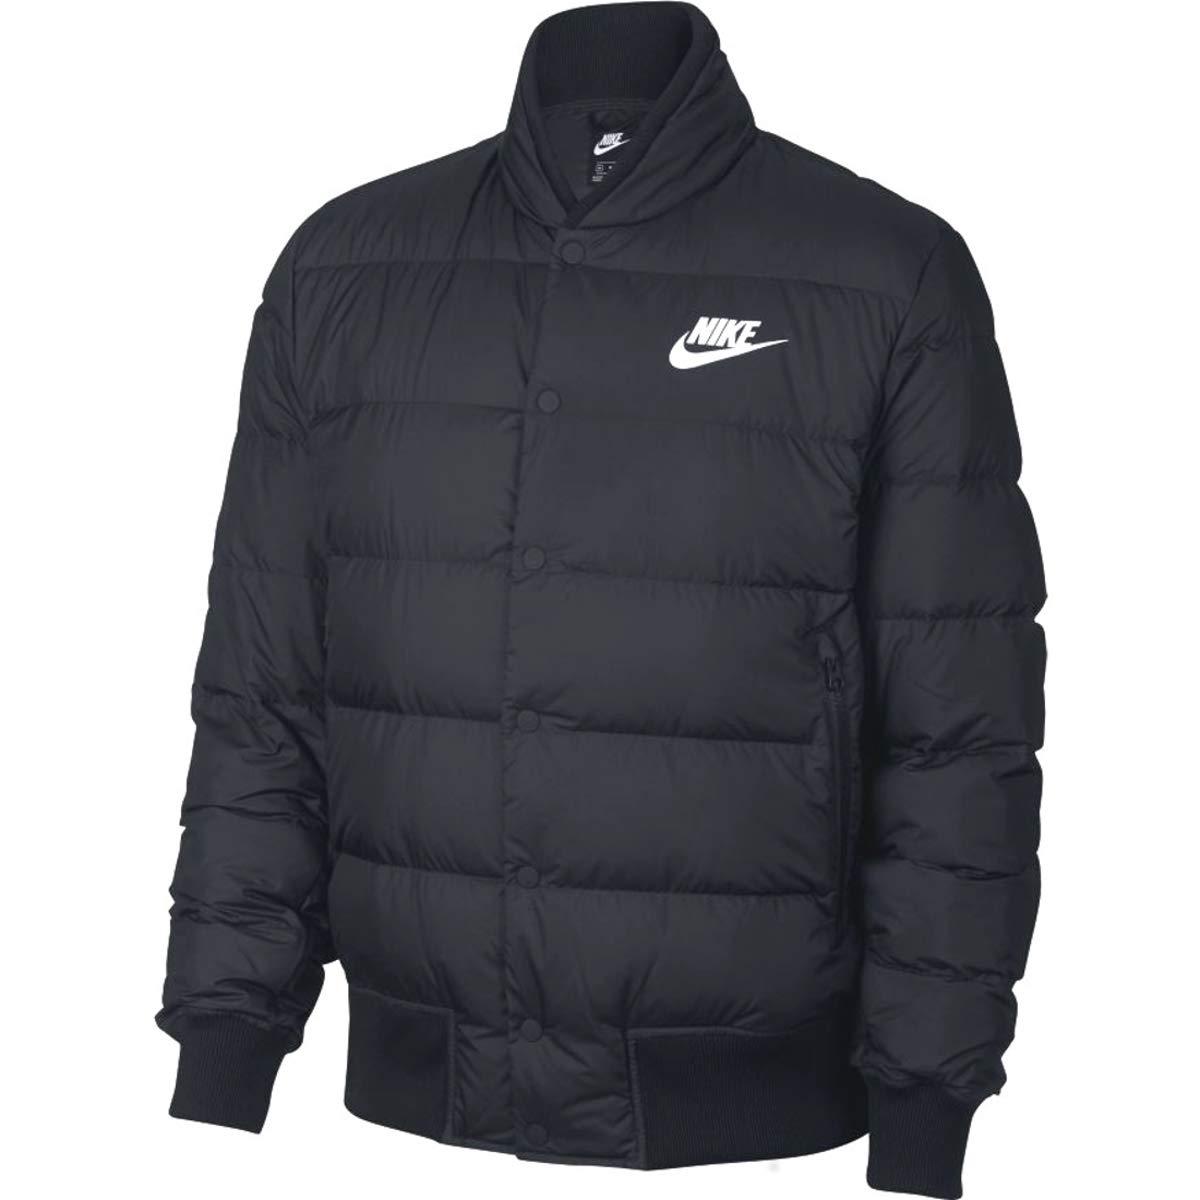 Nike 928819 Men's Down Fill, Chaqueta de bombardero Hombre, Negro (Black/White), L 928819-010